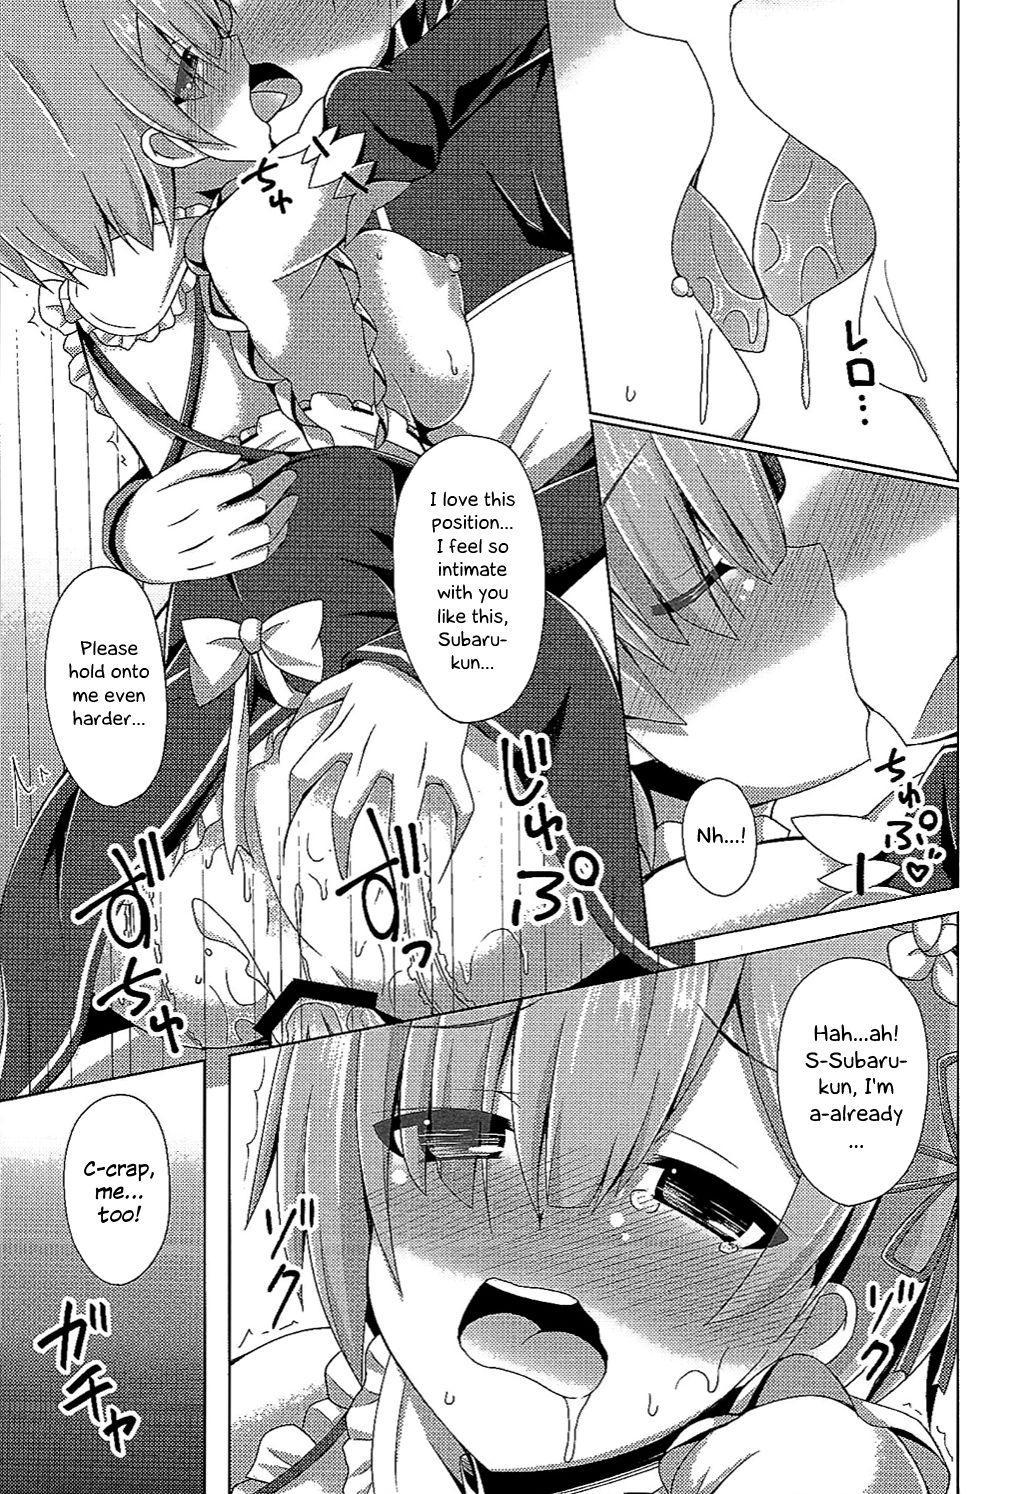 (C90) [Imitation Moon (Narumi Yuu)] Oshiete Rem Sensei - Emilia-tan to Manabu Hajimete no SEX | Teach me, Rem-sensei! An introduction to sex with Emilia-tan (Re:Zero kara Hajimeru Isekai Seikatsu) [English] [EHCOVE] 3